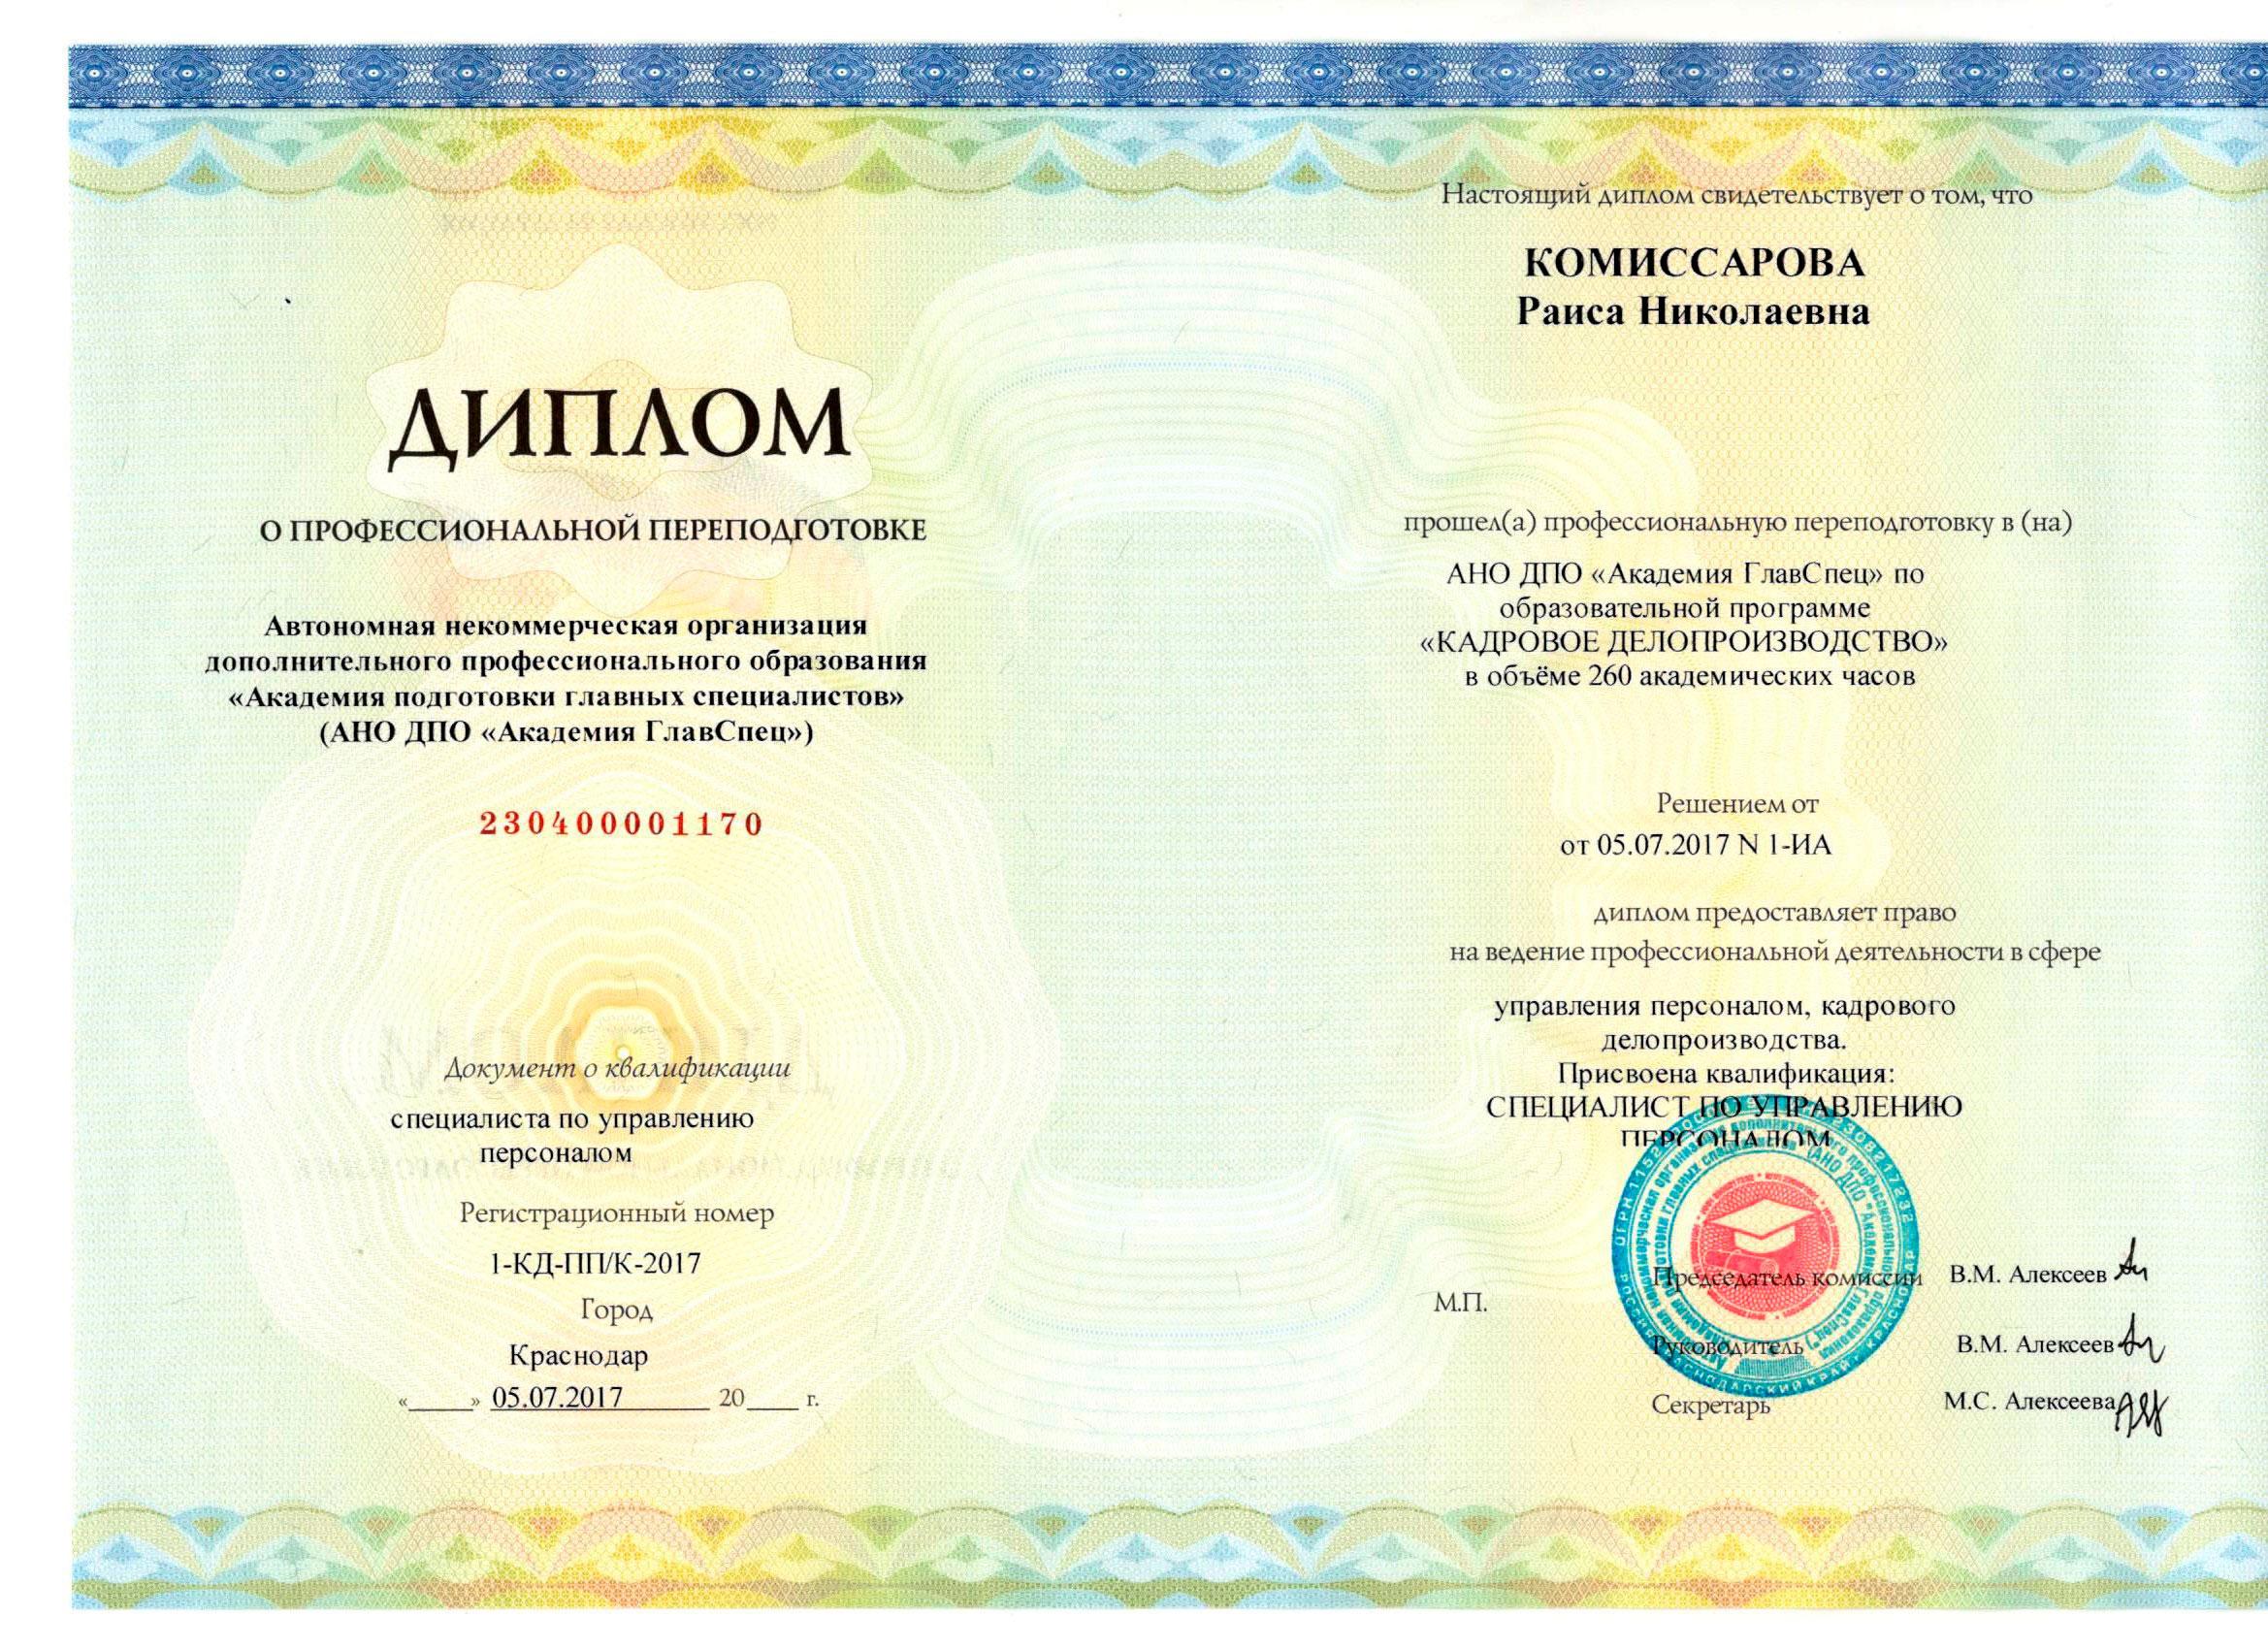 Как получить красный диплом спо лучше всего покупать часы tissot купить диплом киев цена у официальных дилеров на нашем официальном сайте как получить красный диплом спо вы всегда можете